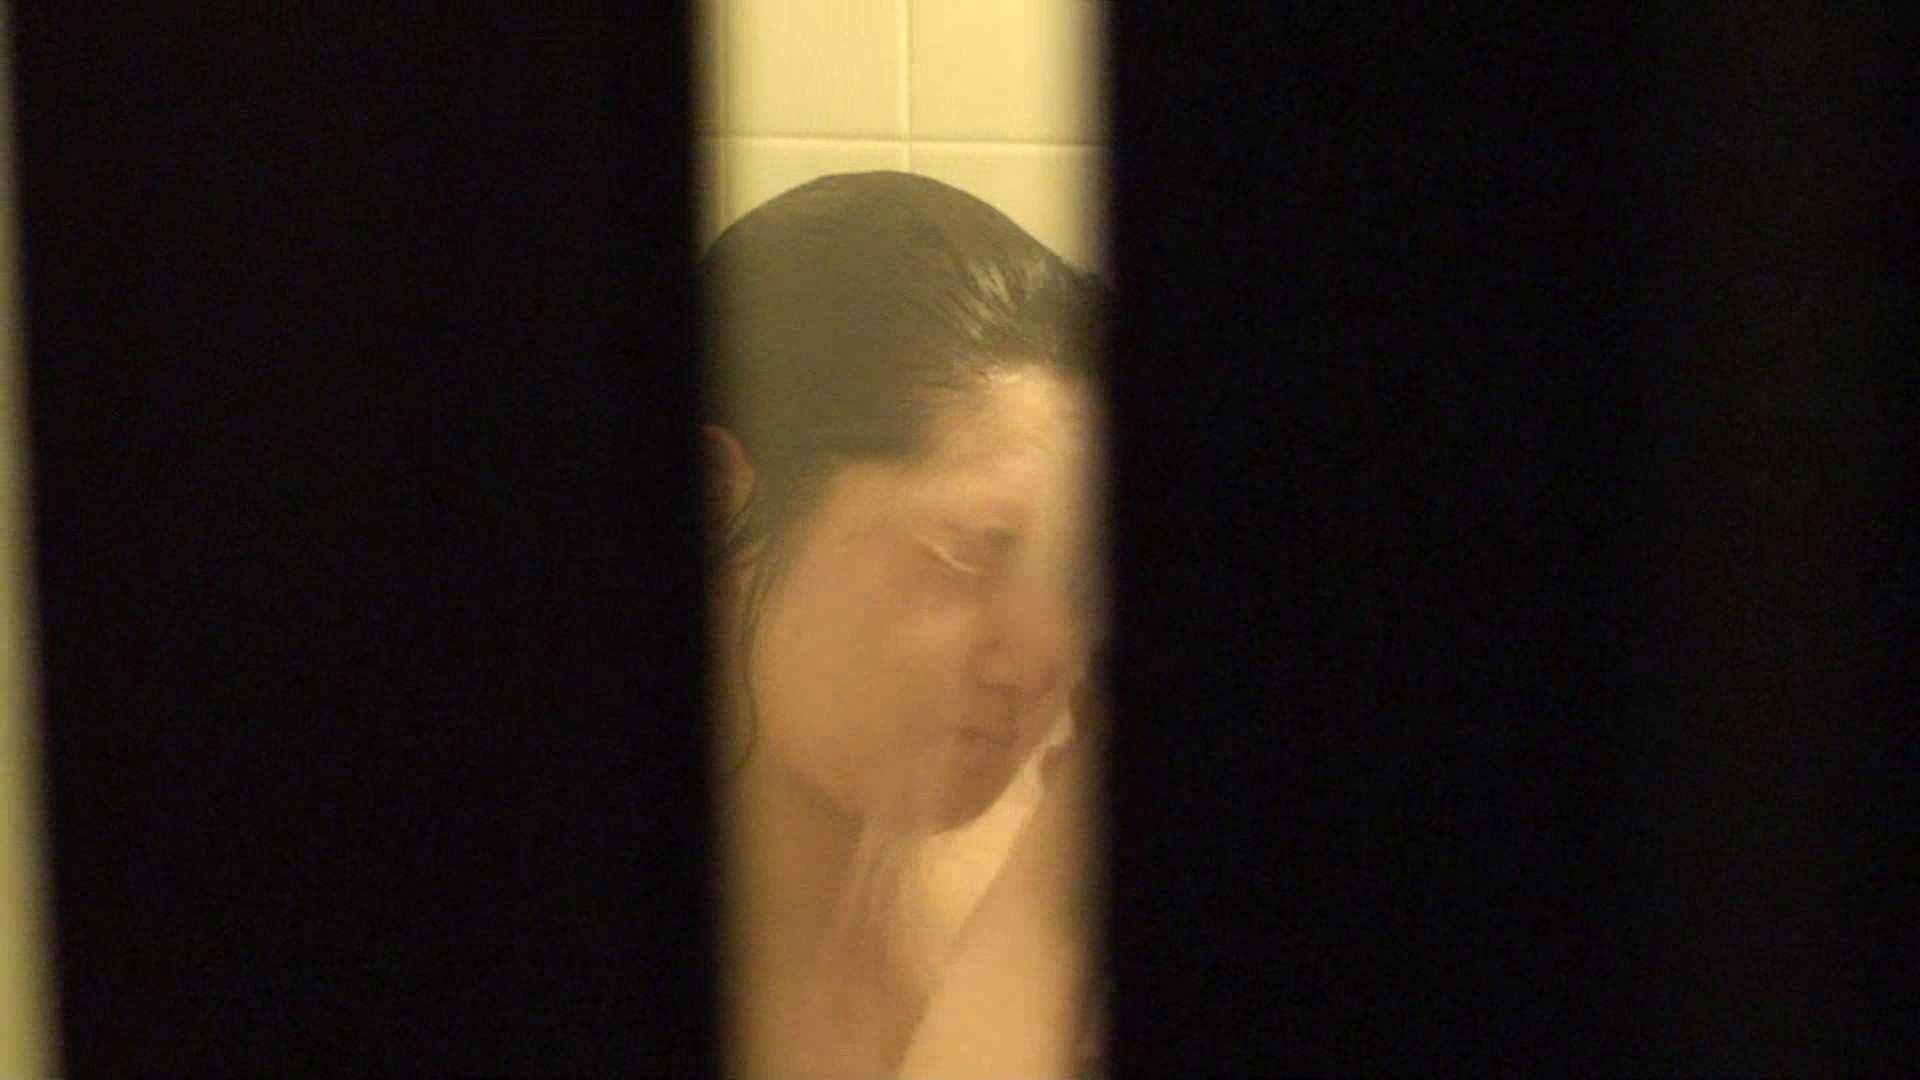 vol.02超可愛すぎる彼女の裸体をハイビジョンで!至近距離での眺め最高! HなOL 女性器鑑賞 78pic 26